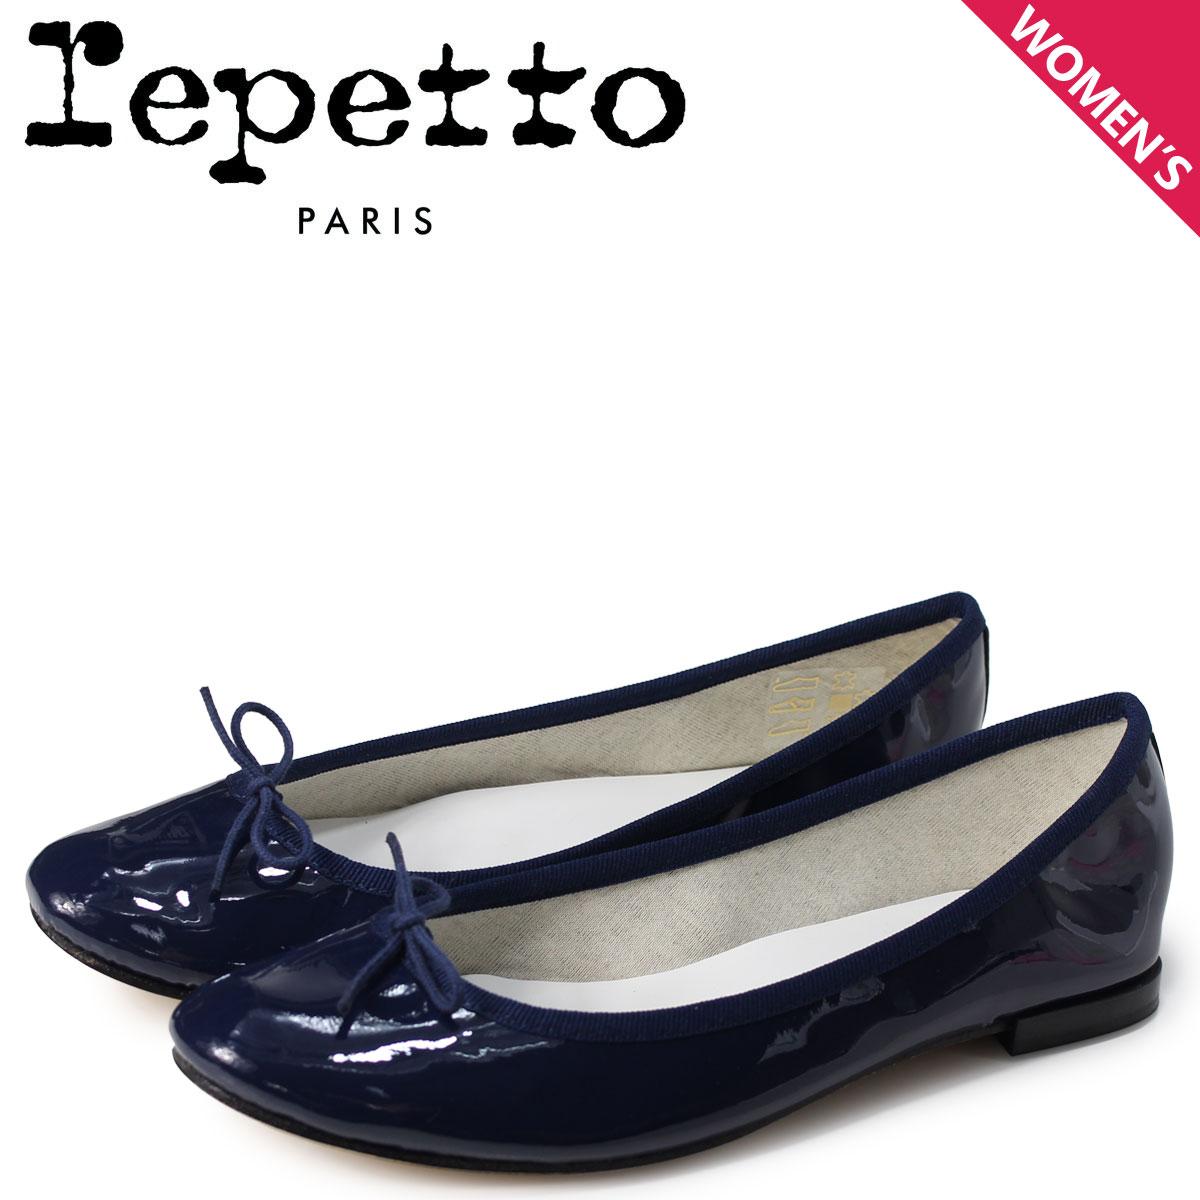 Repetto レペット バレエシューズ サンドリオン パンプス レディース CENDRILLON BALLERINA ネイビー V086-851